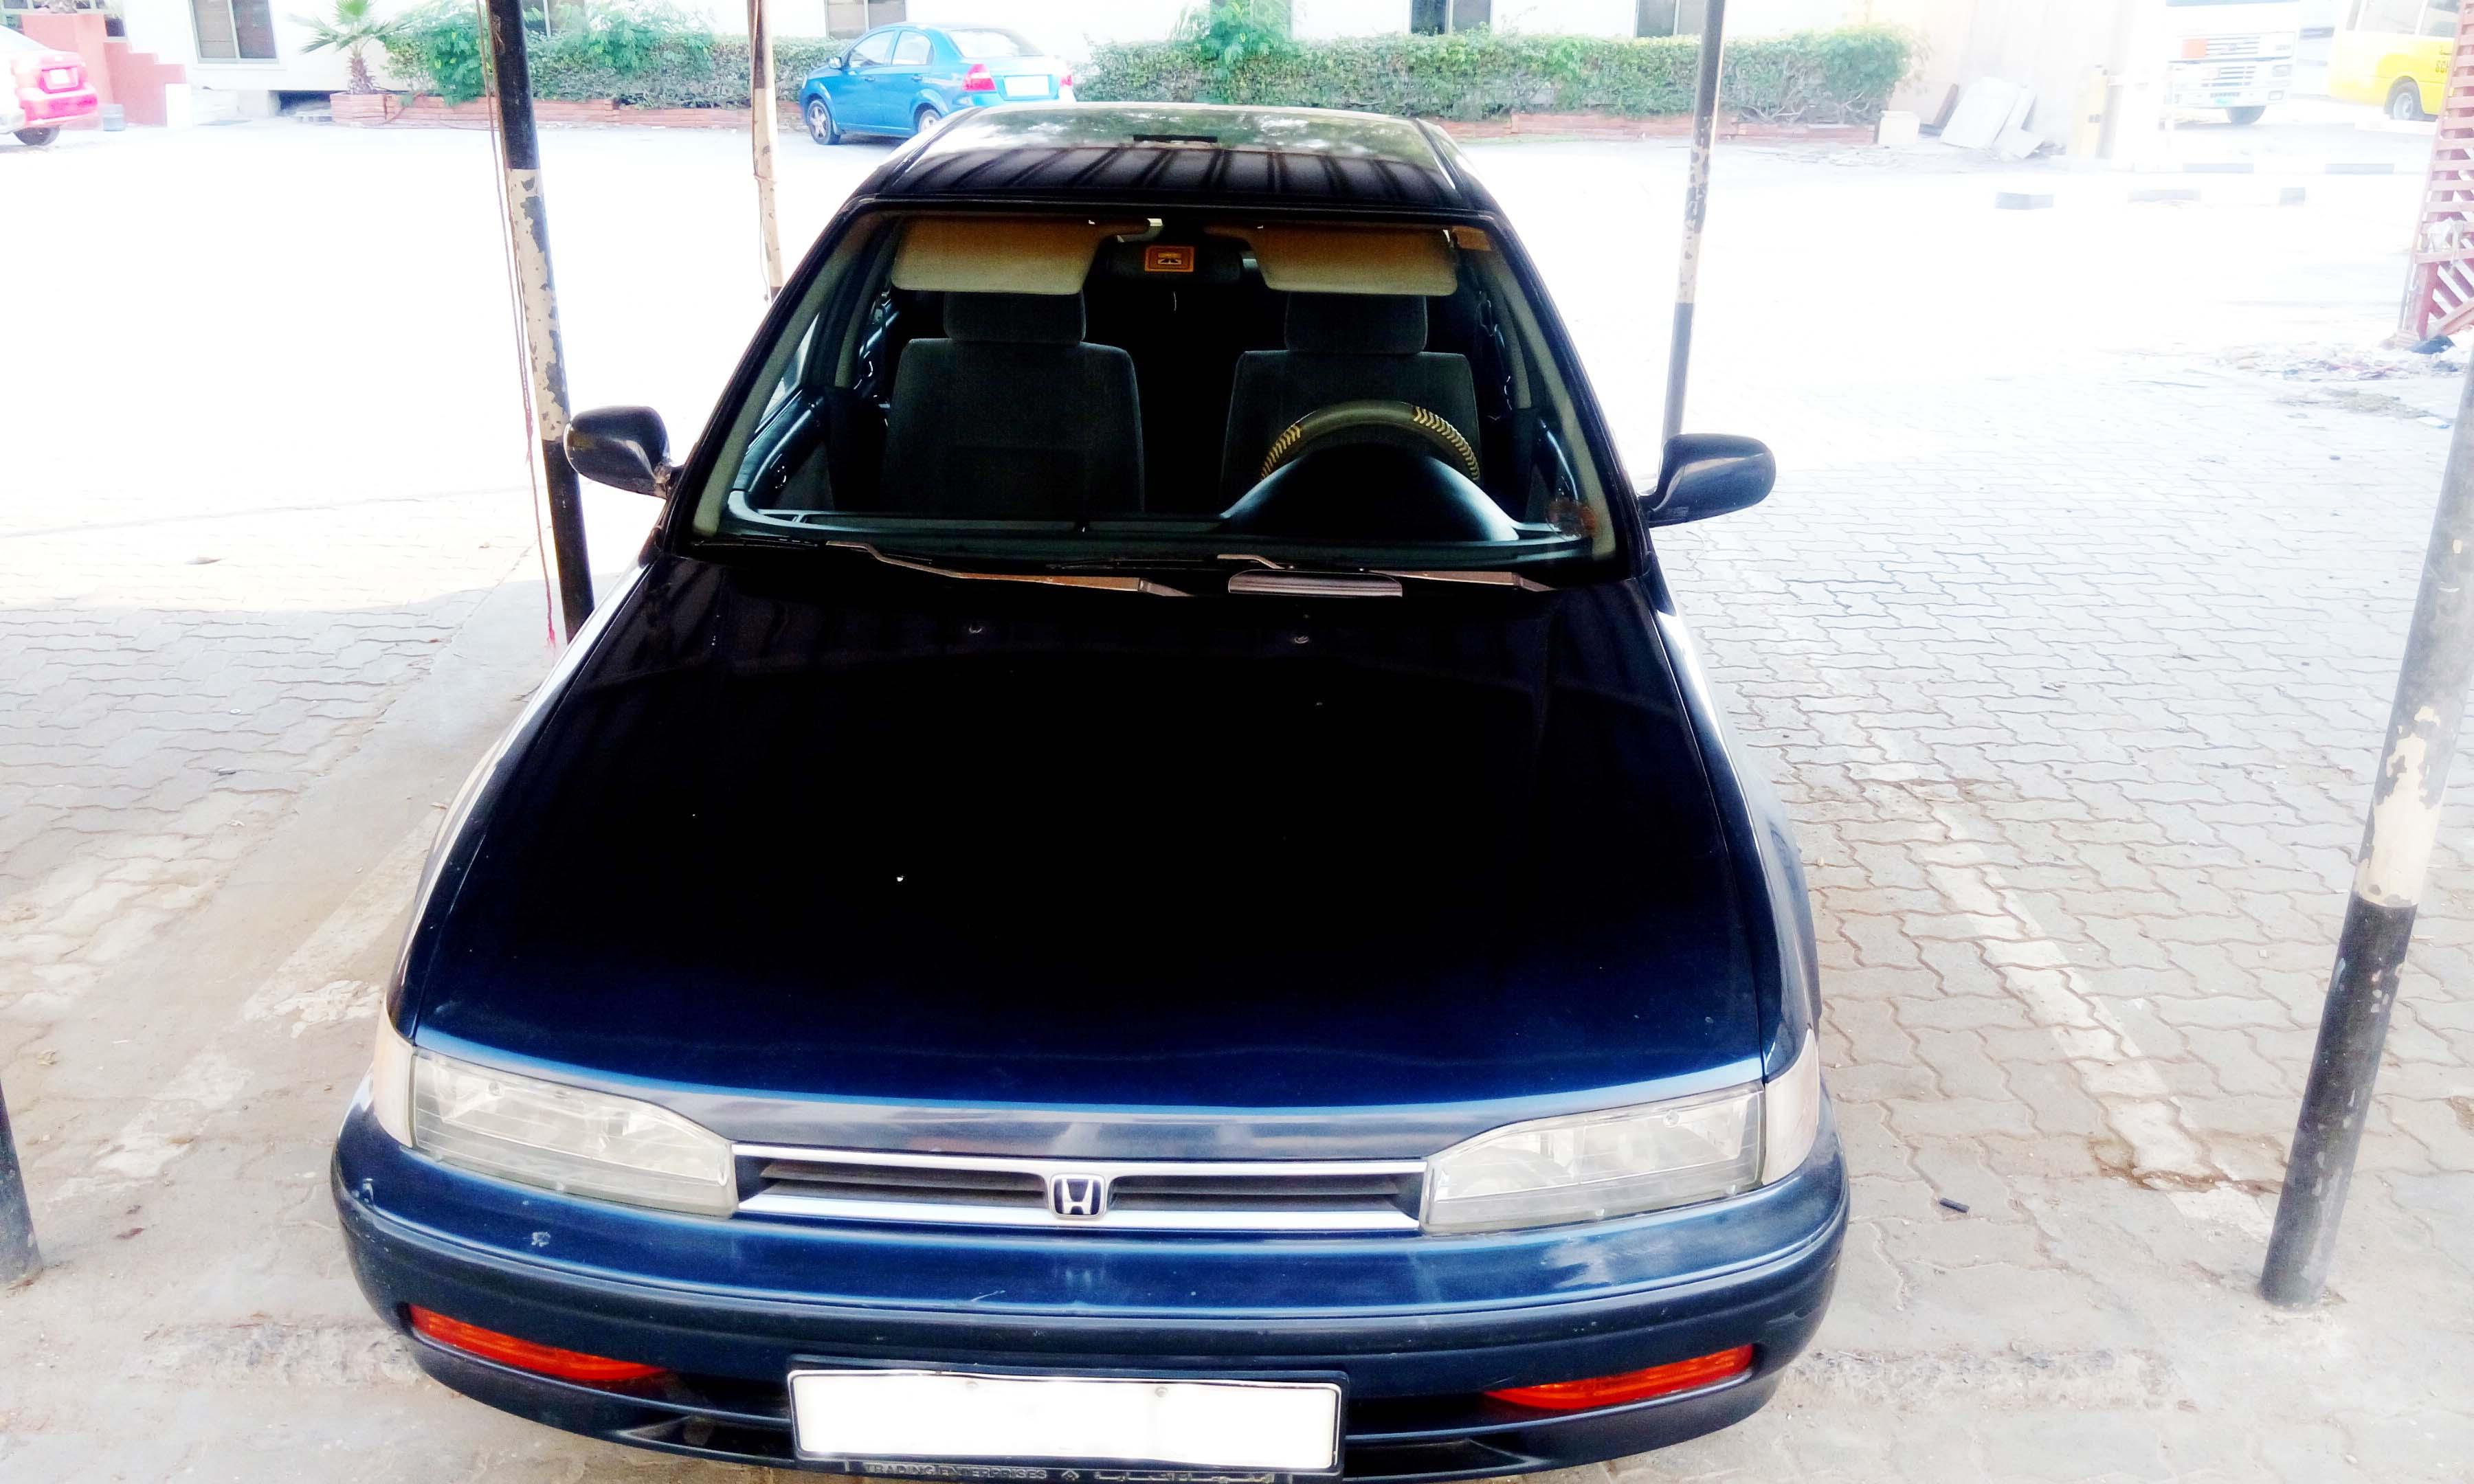 Kelebihan Kekurangan Honda Accord 1993 Murah Berkualitas